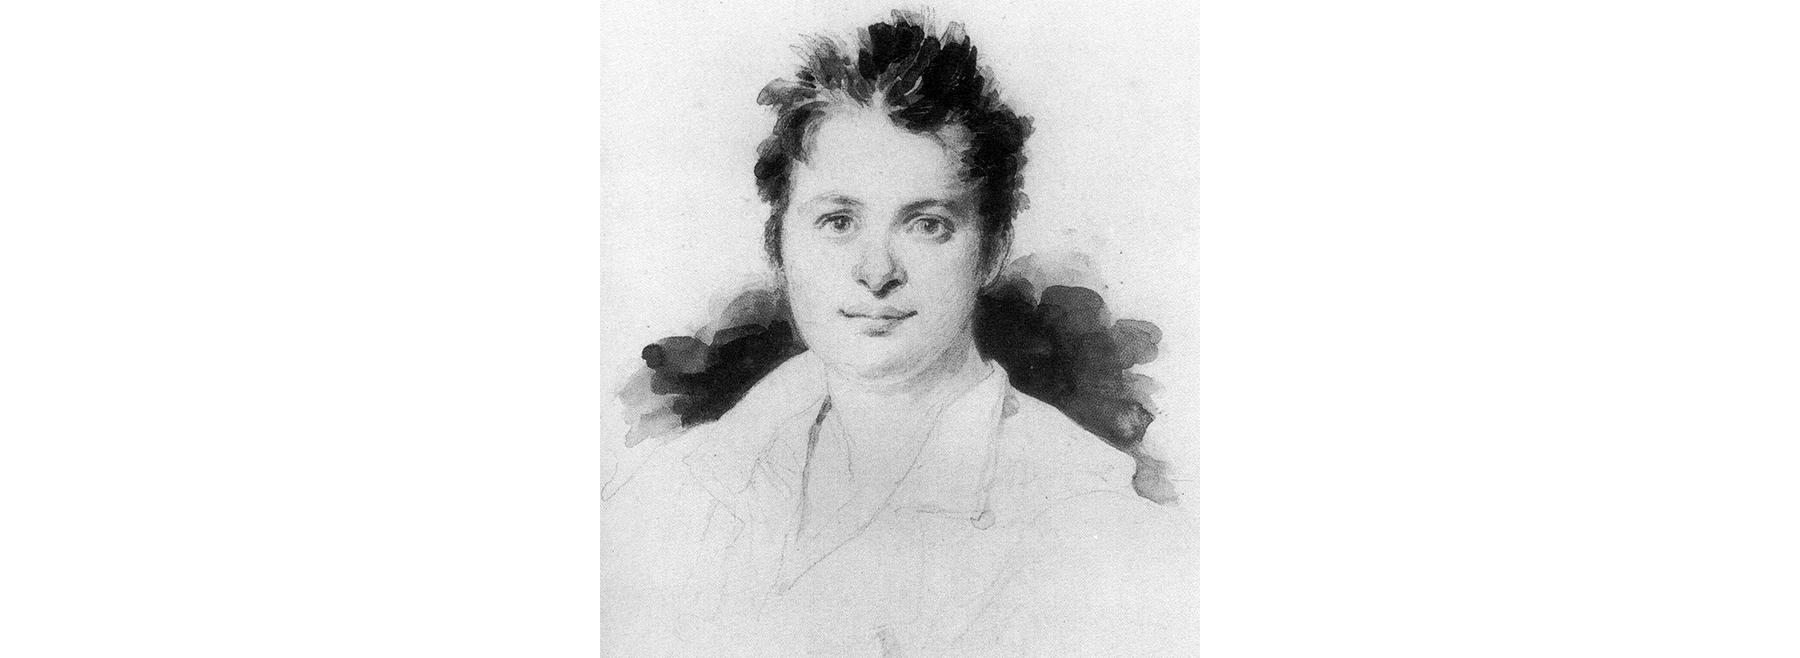 Портрет Оноре де Бальзака, Ашиль Девериа (ок. 1825)